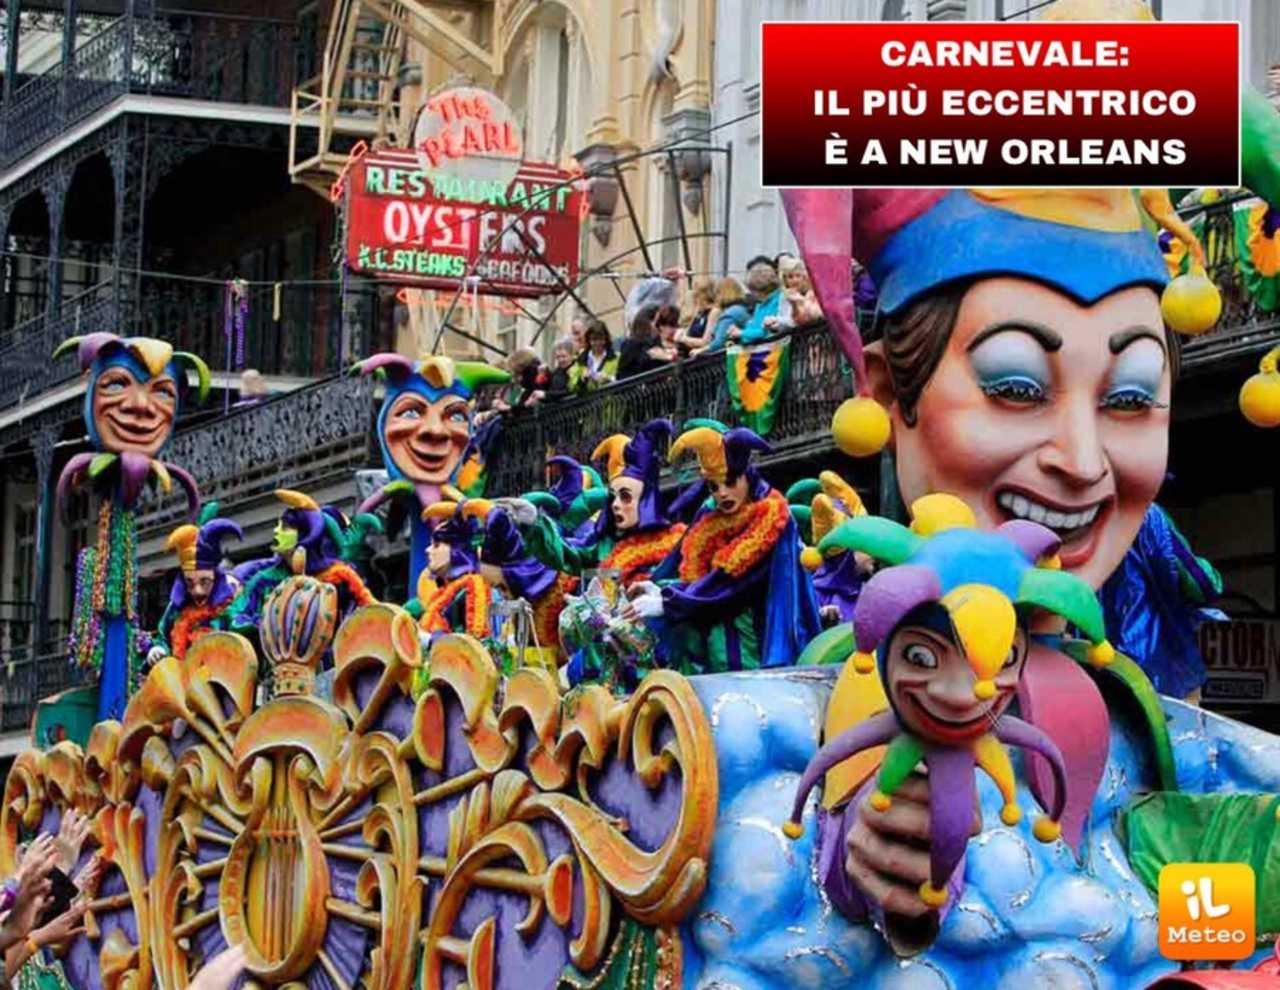 CARNEVALE Il Piu Eccentrico E A New Orleans VIDEO ILMETEOit